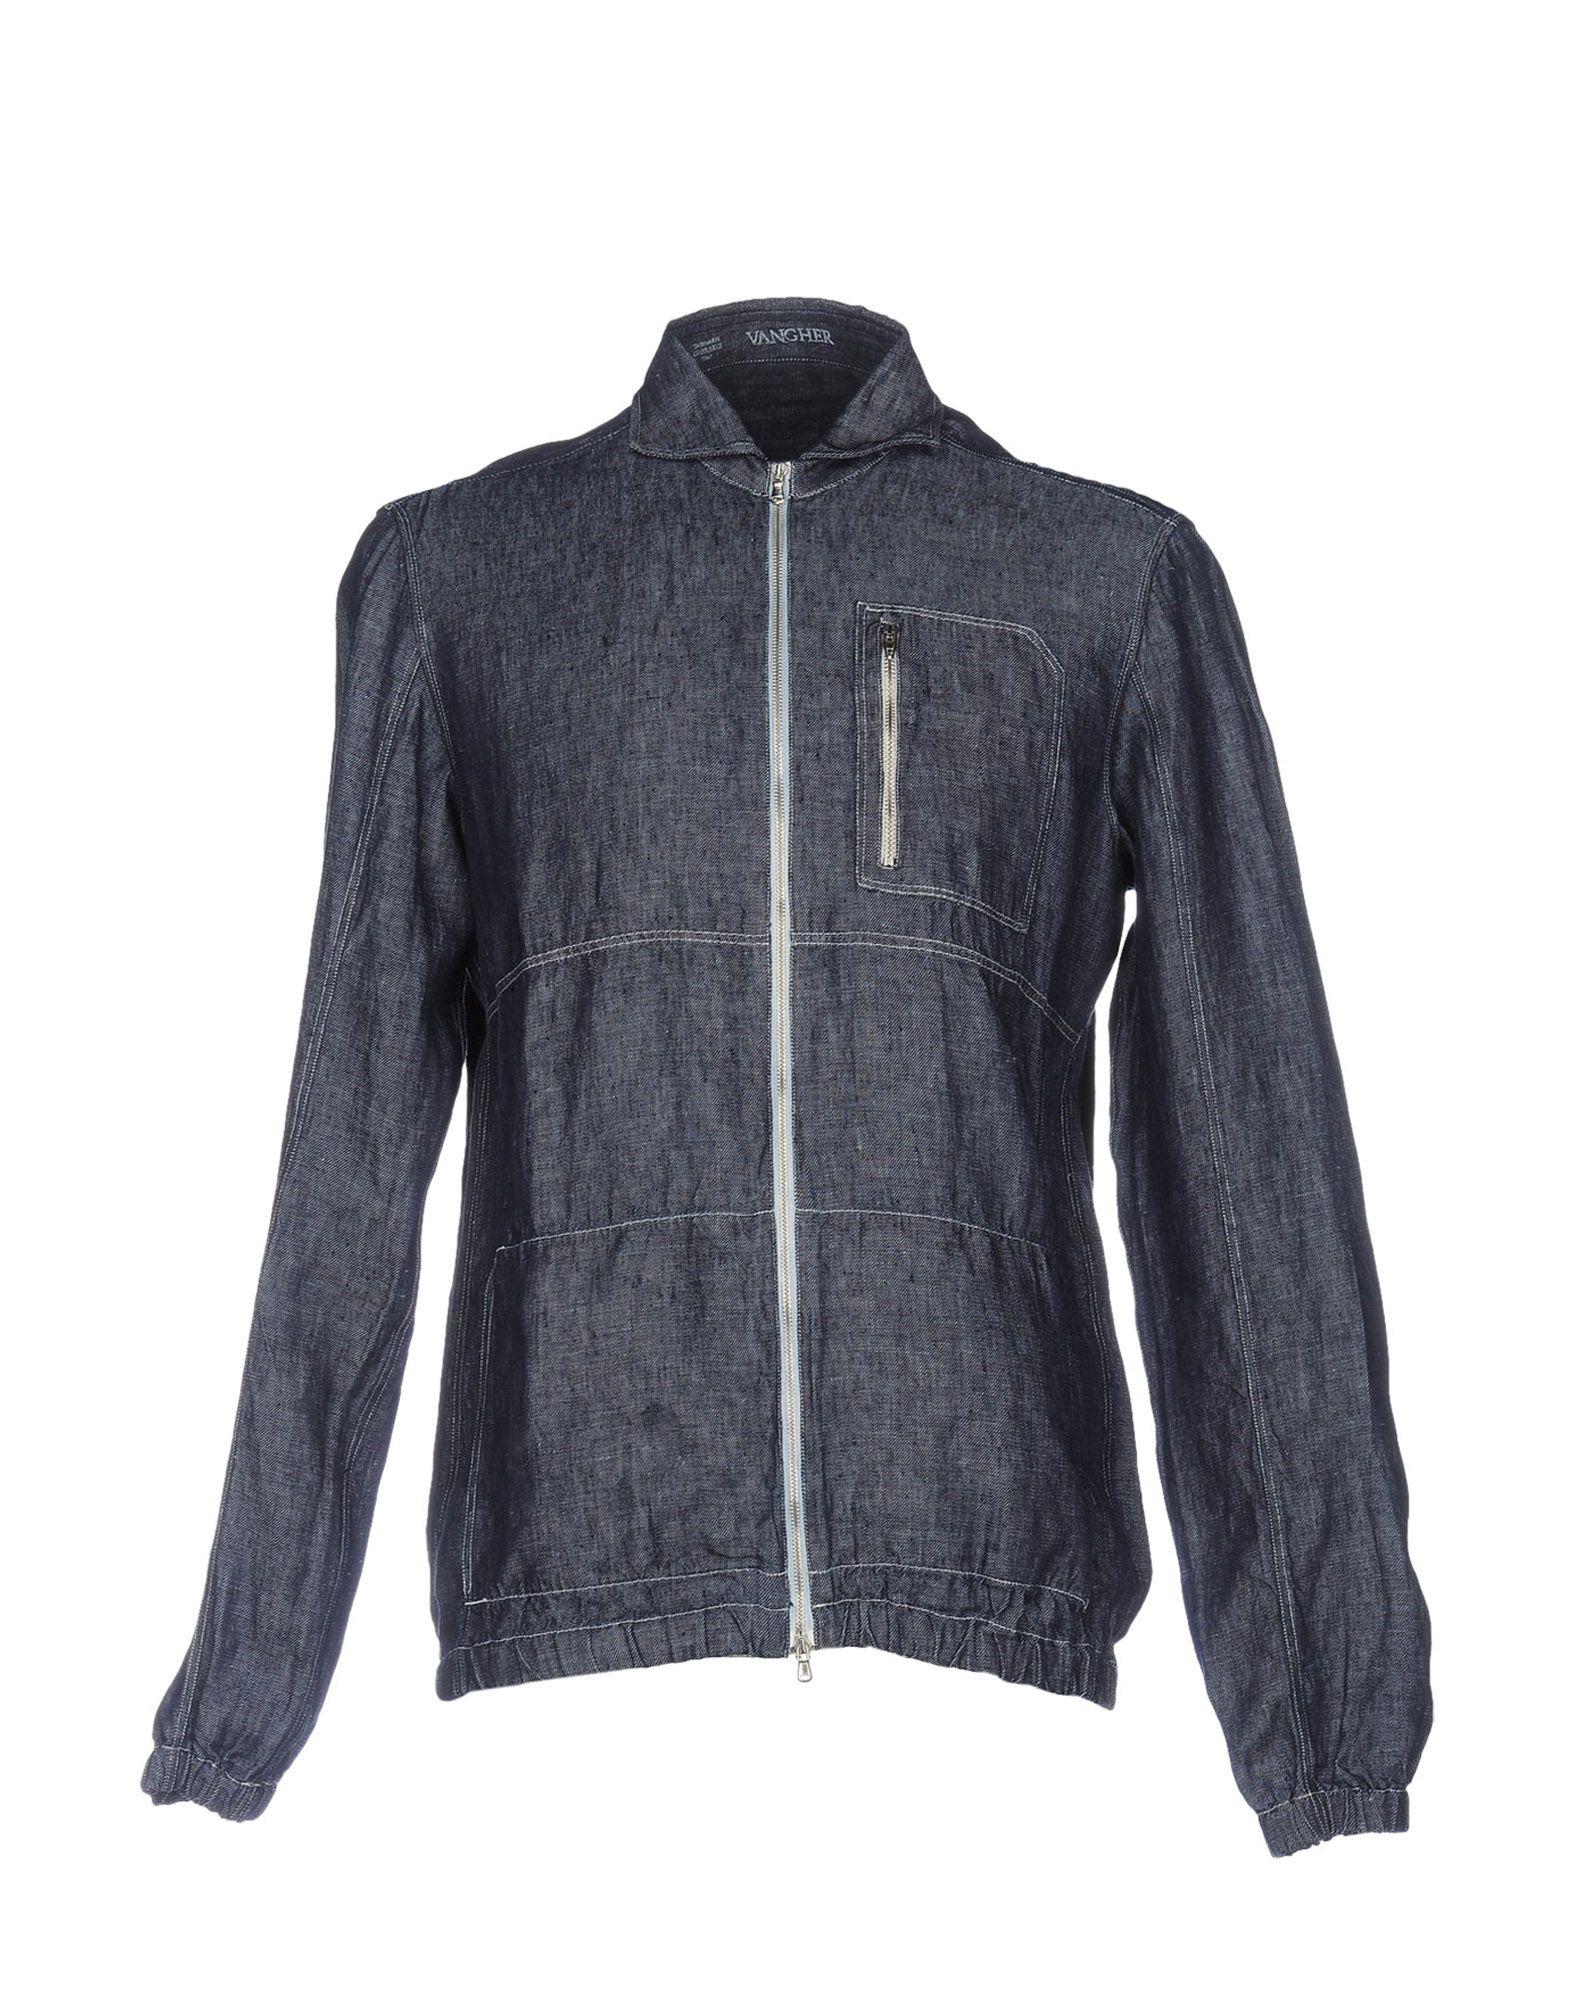 VANGHER N.7 Джинсовая верхняя одежда 26 7 twentysixseven джинсовая верхняя одежда